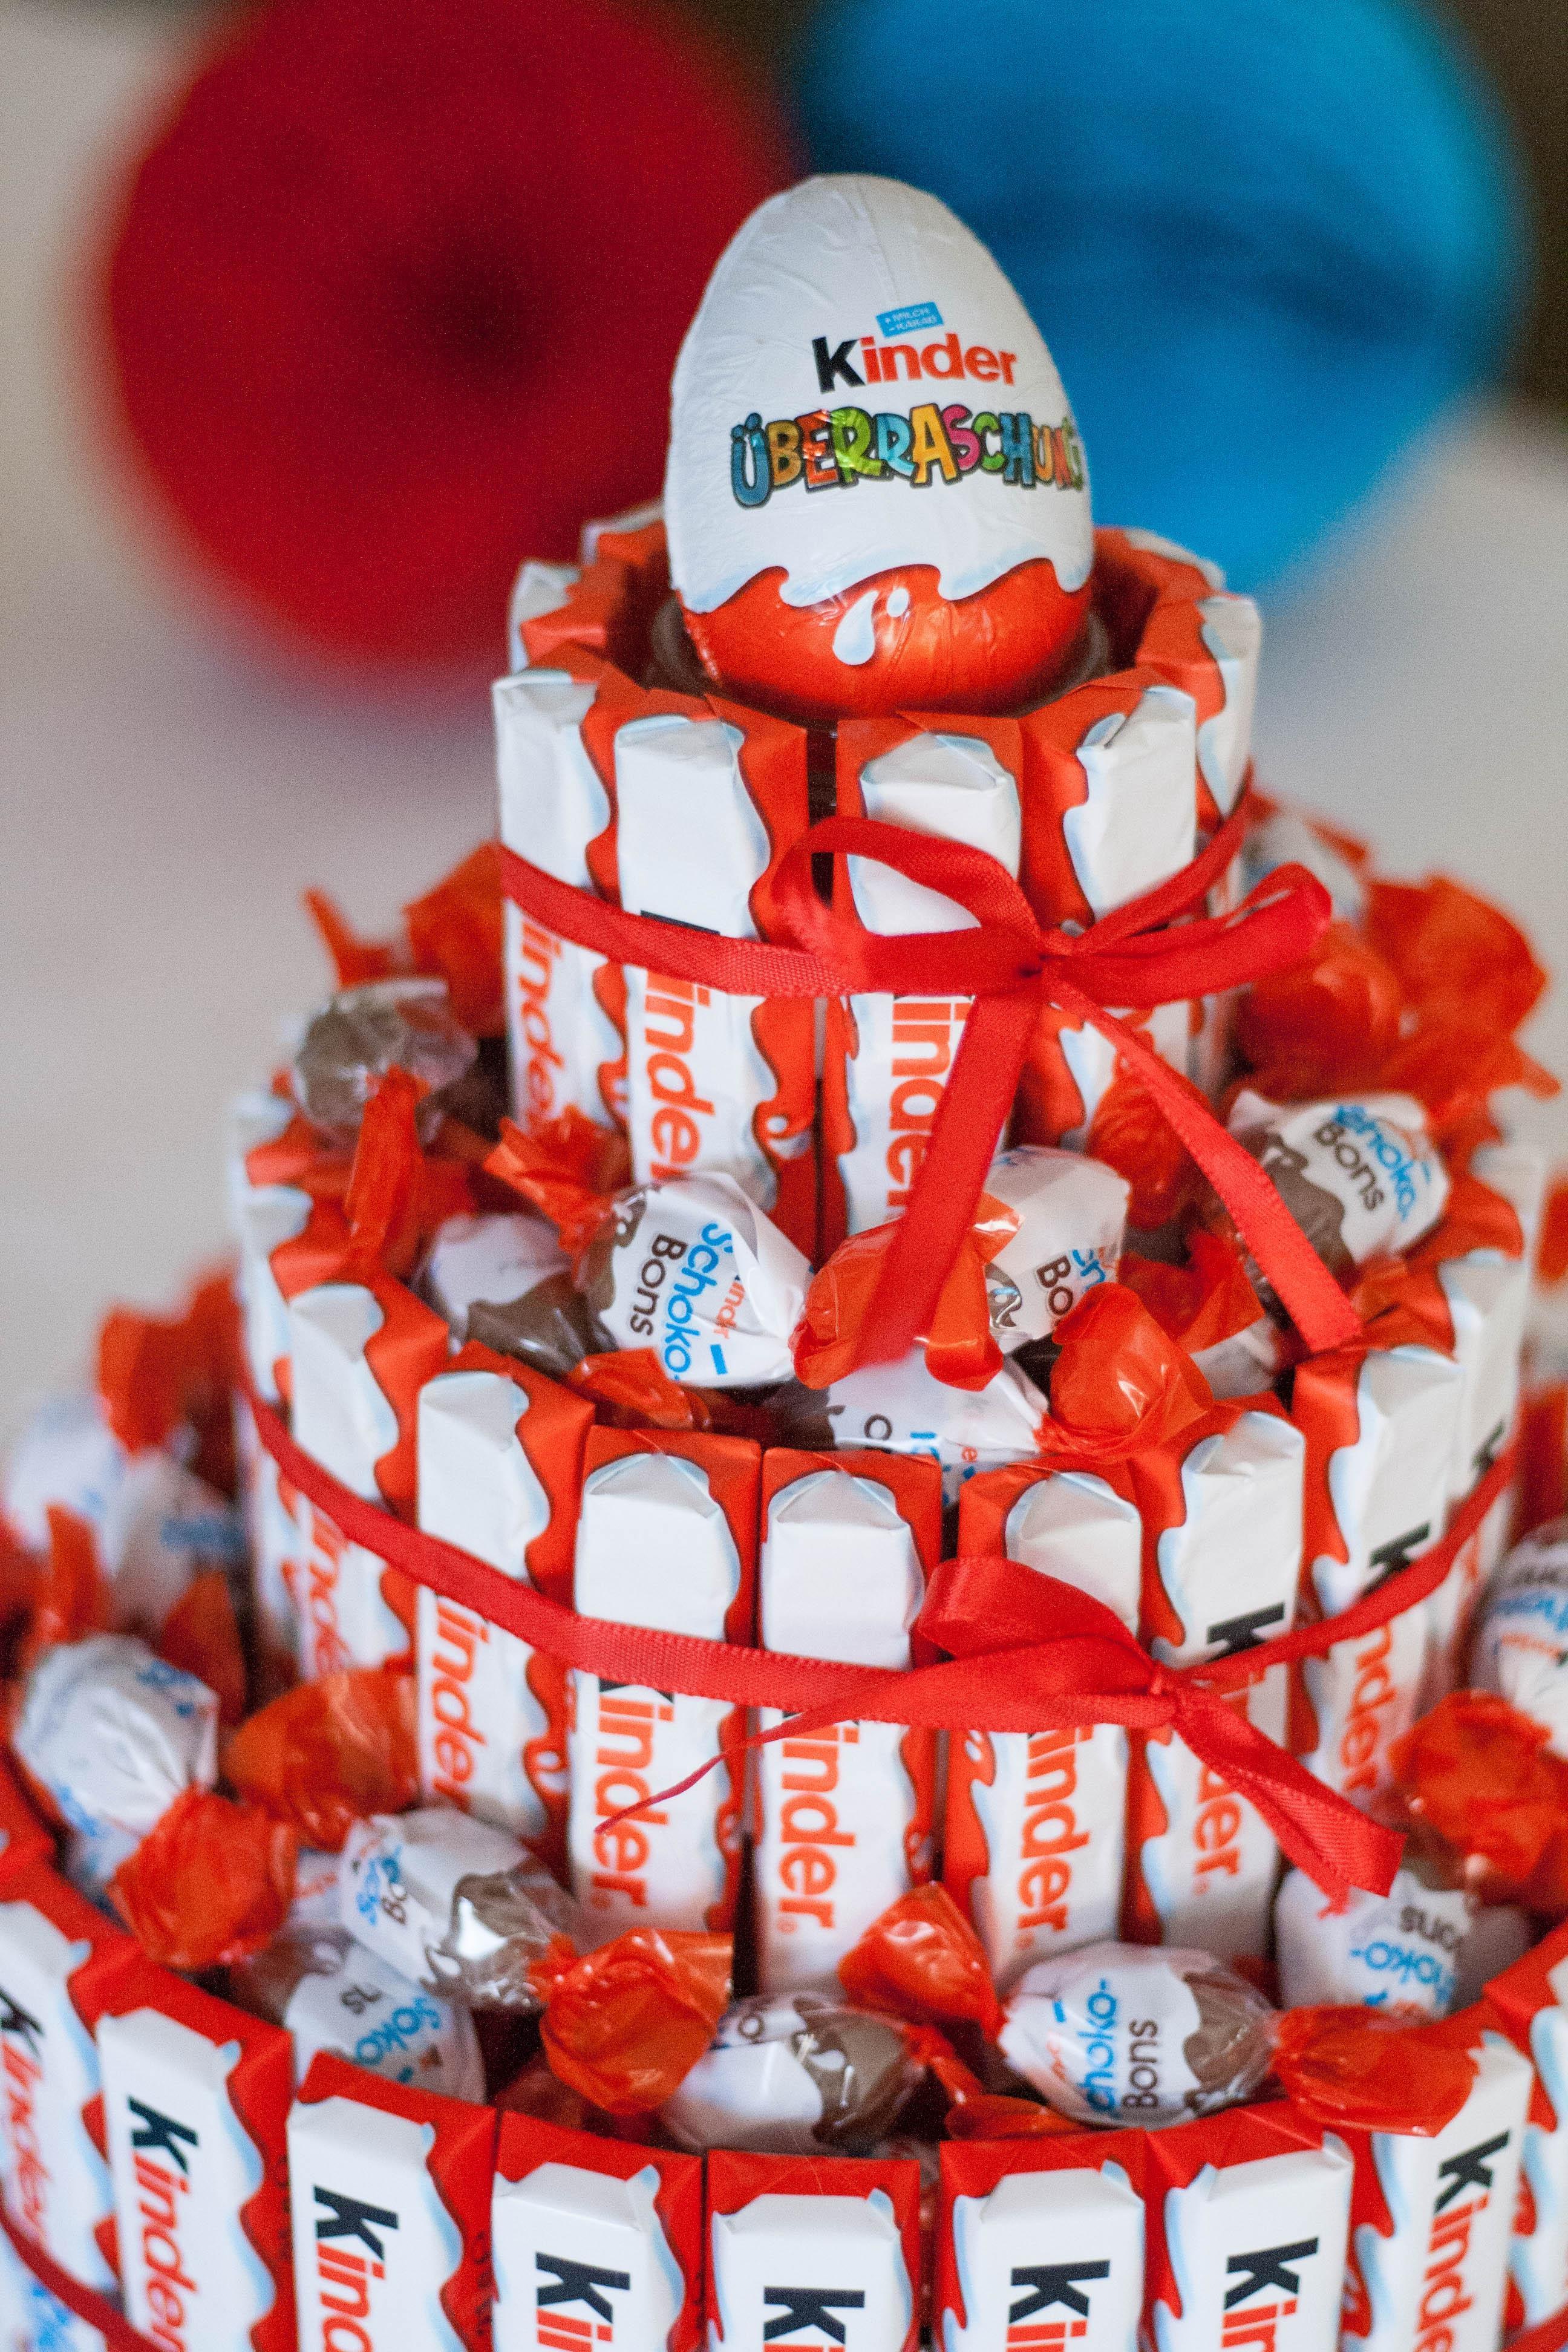 Anzeige Kindergeburtstag Mit Ferrero Kinder Schokolade Familie